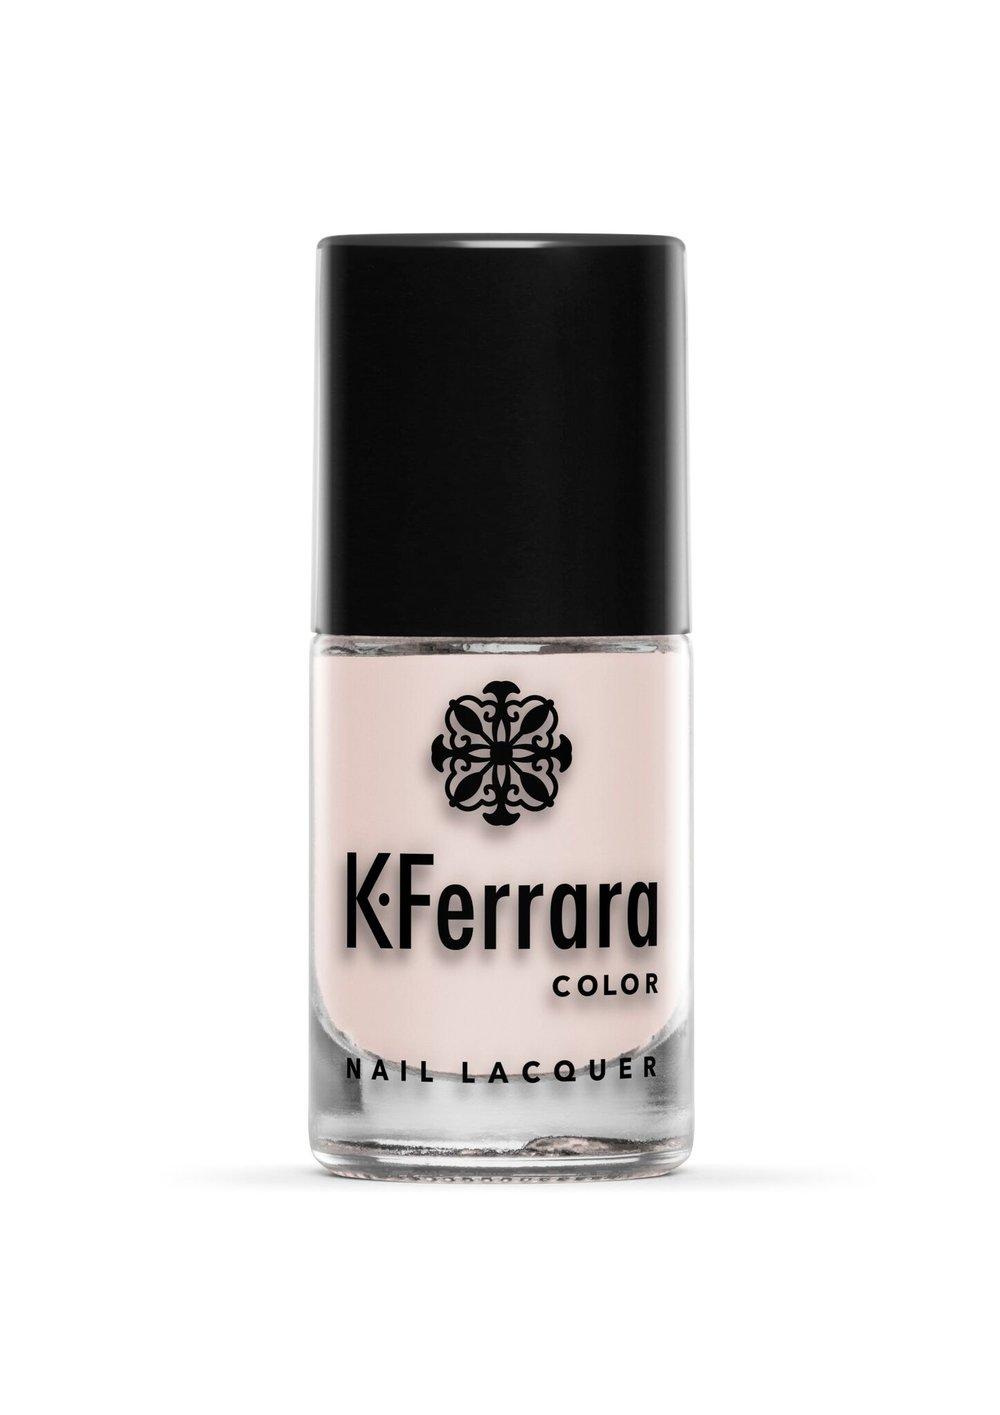 KFerrara Bottle Evelyn.jpg